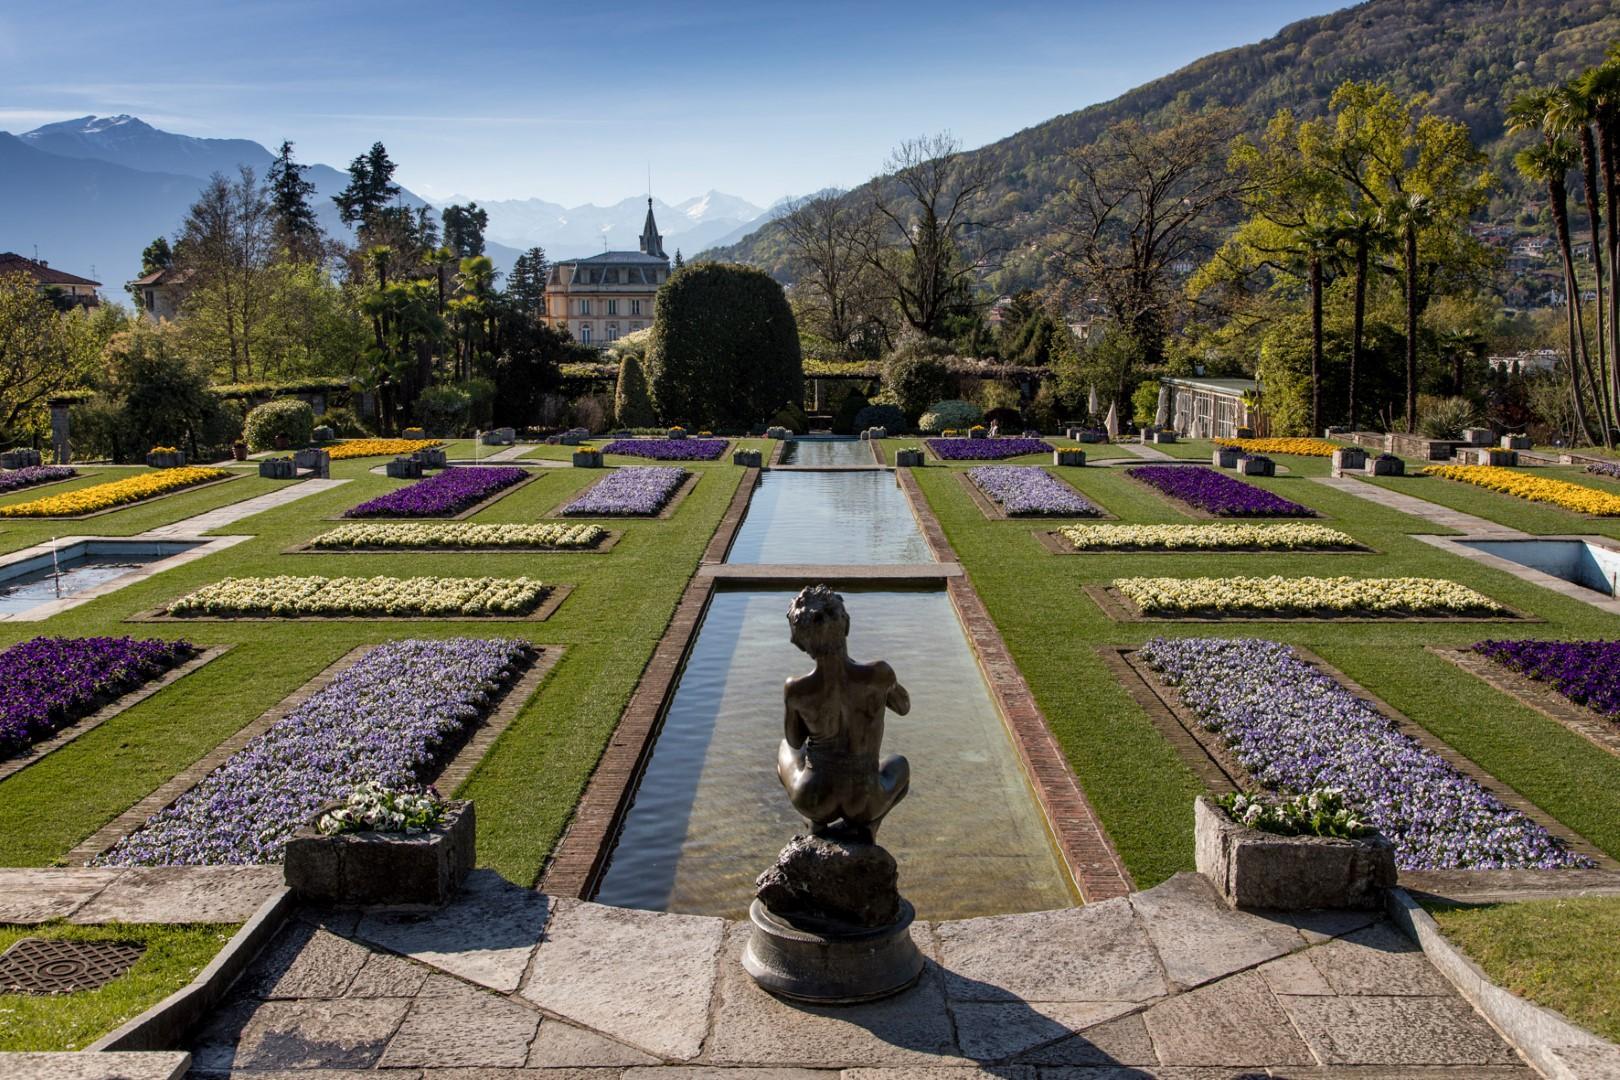 Nero Giardini Ufficio Stampa : Sul lago maggiore i giardini più belli del mondo foto tgcom